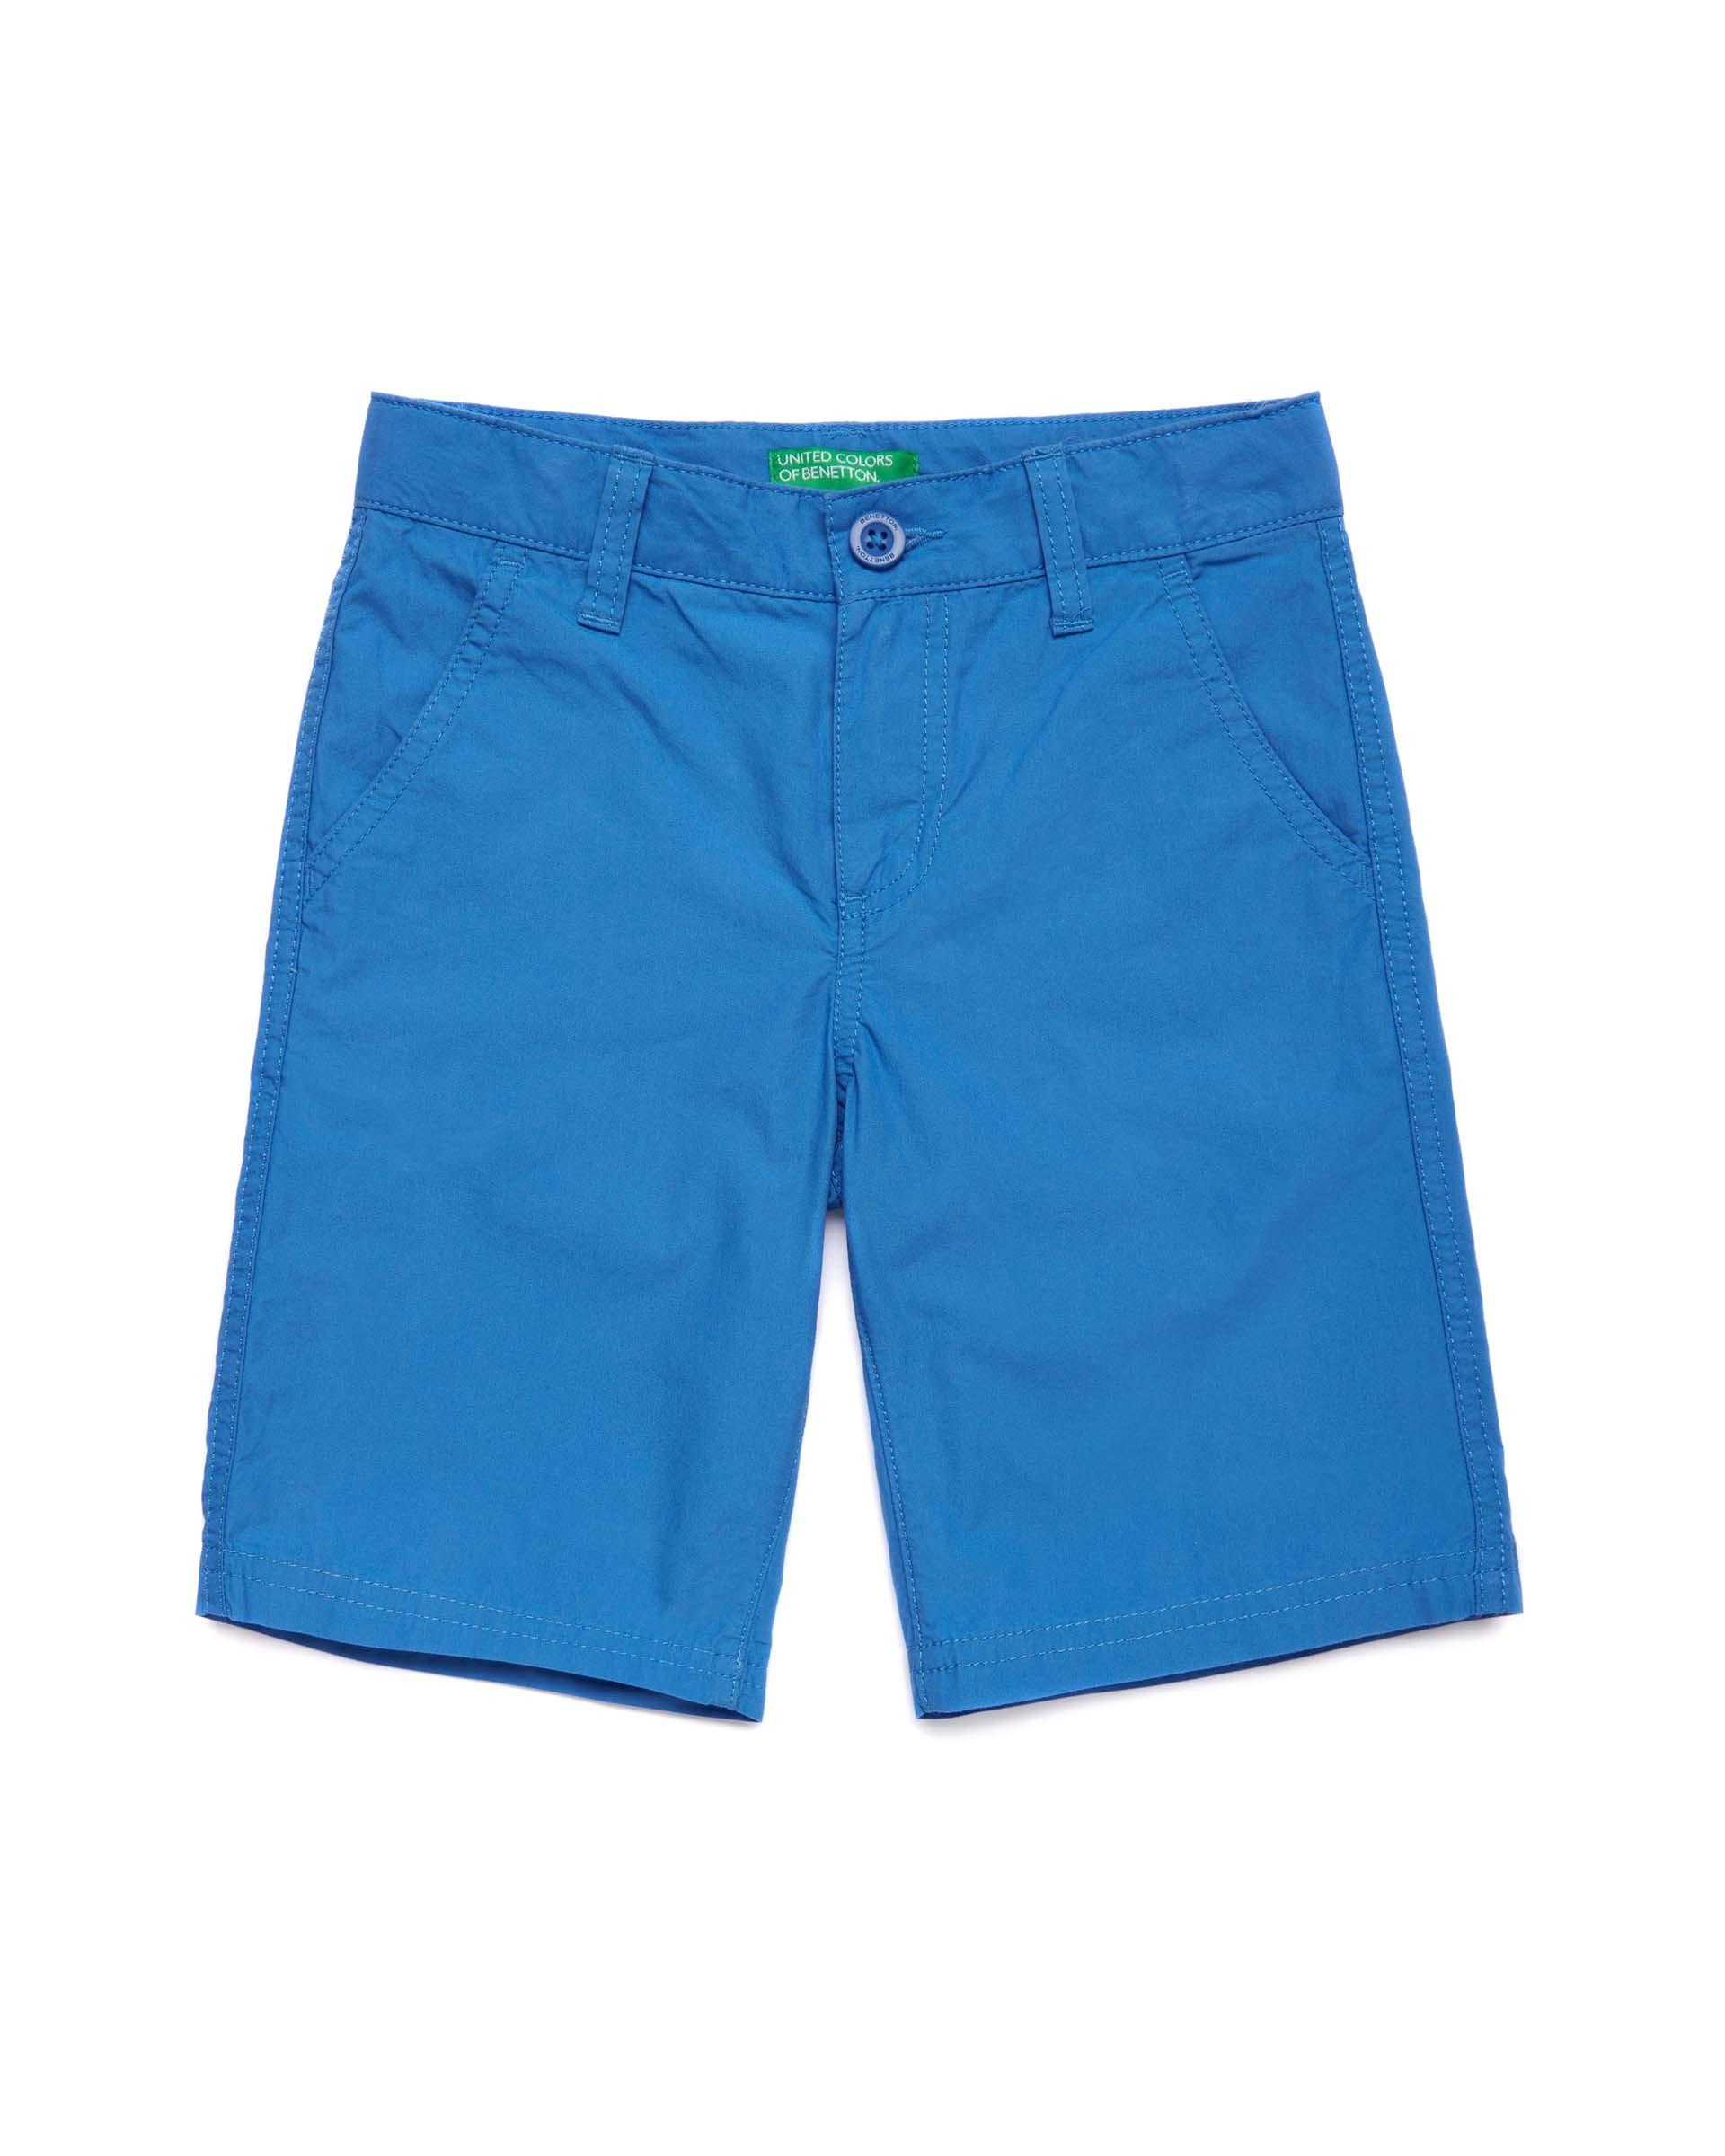 Купить 20P_4AC759270_08A, Шорты для мальчиков Benetton 4AC759270_08A р-р 140, United Colors of Benetton